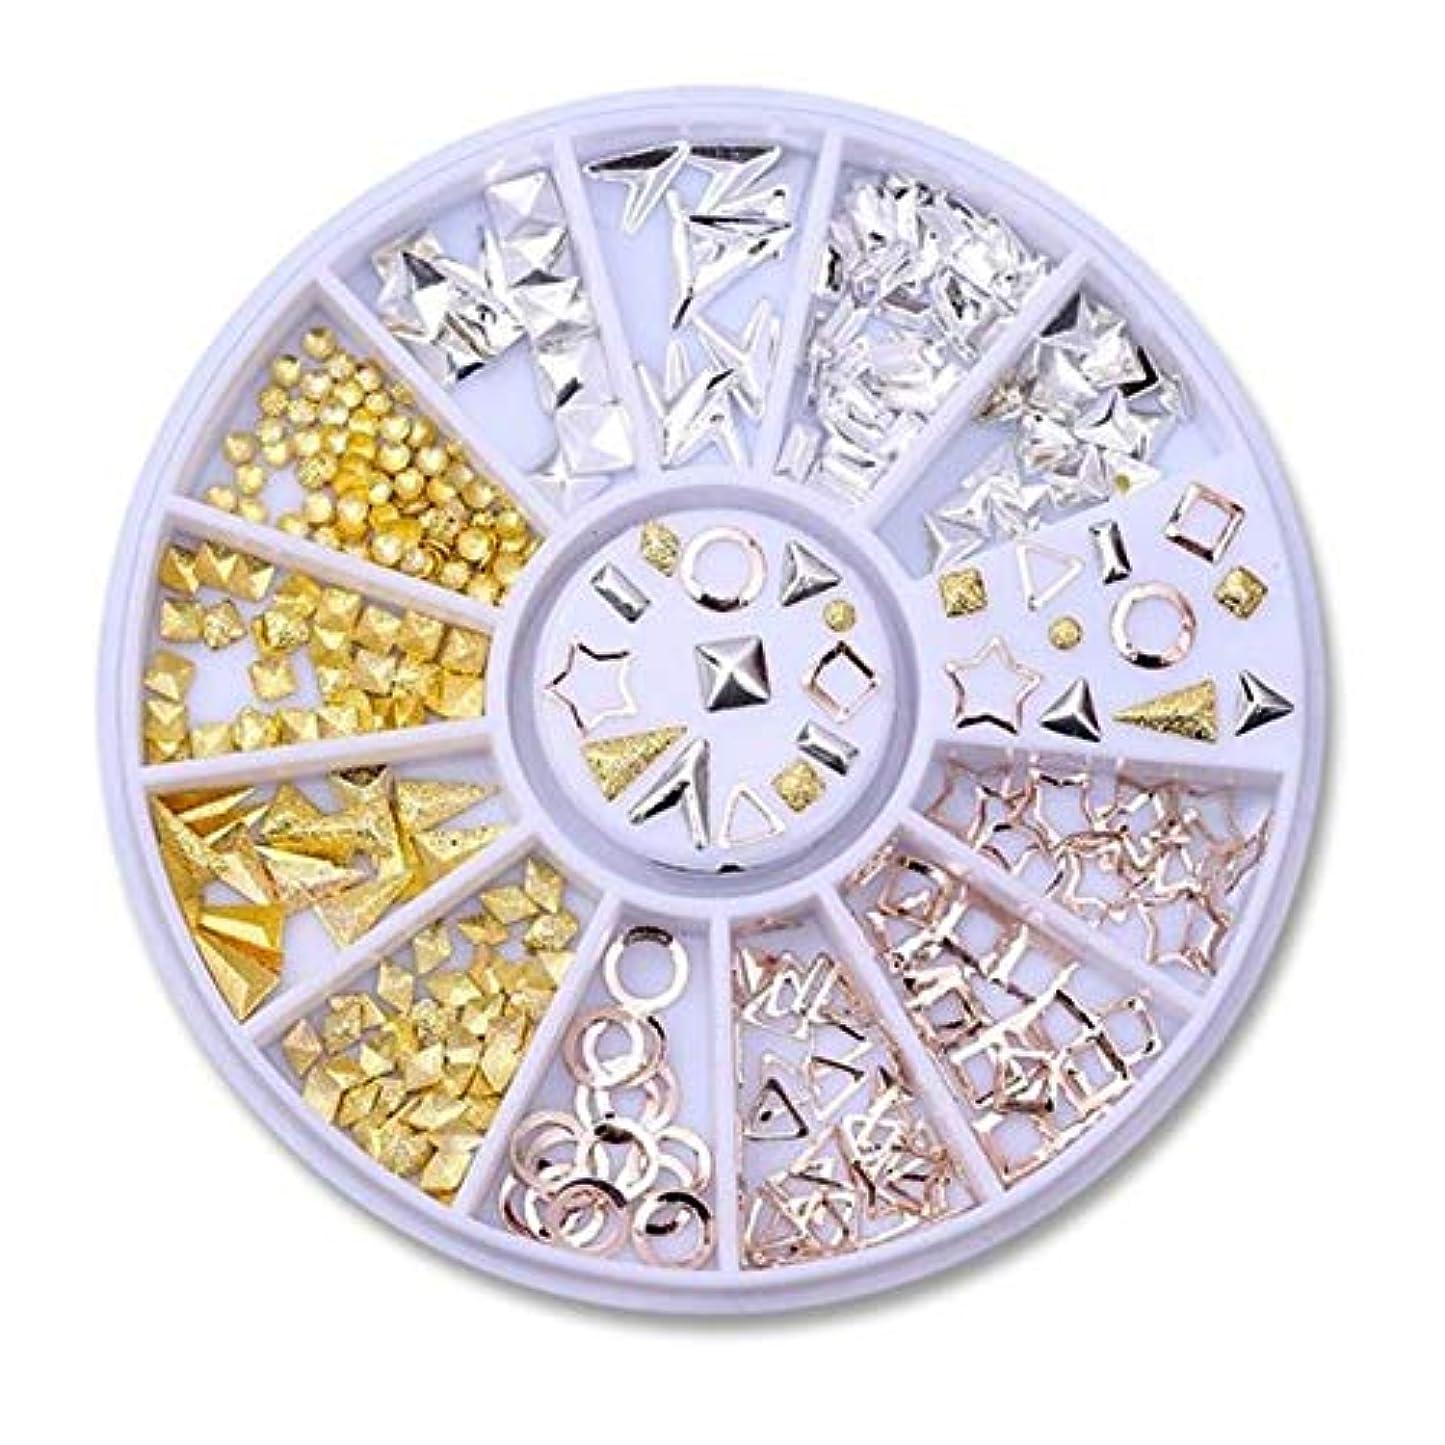 落ち着いた夢熱心ネイルラインストーンの小さな不規則なビーズマニキュア3Dネイルアートの装飾の輪,29